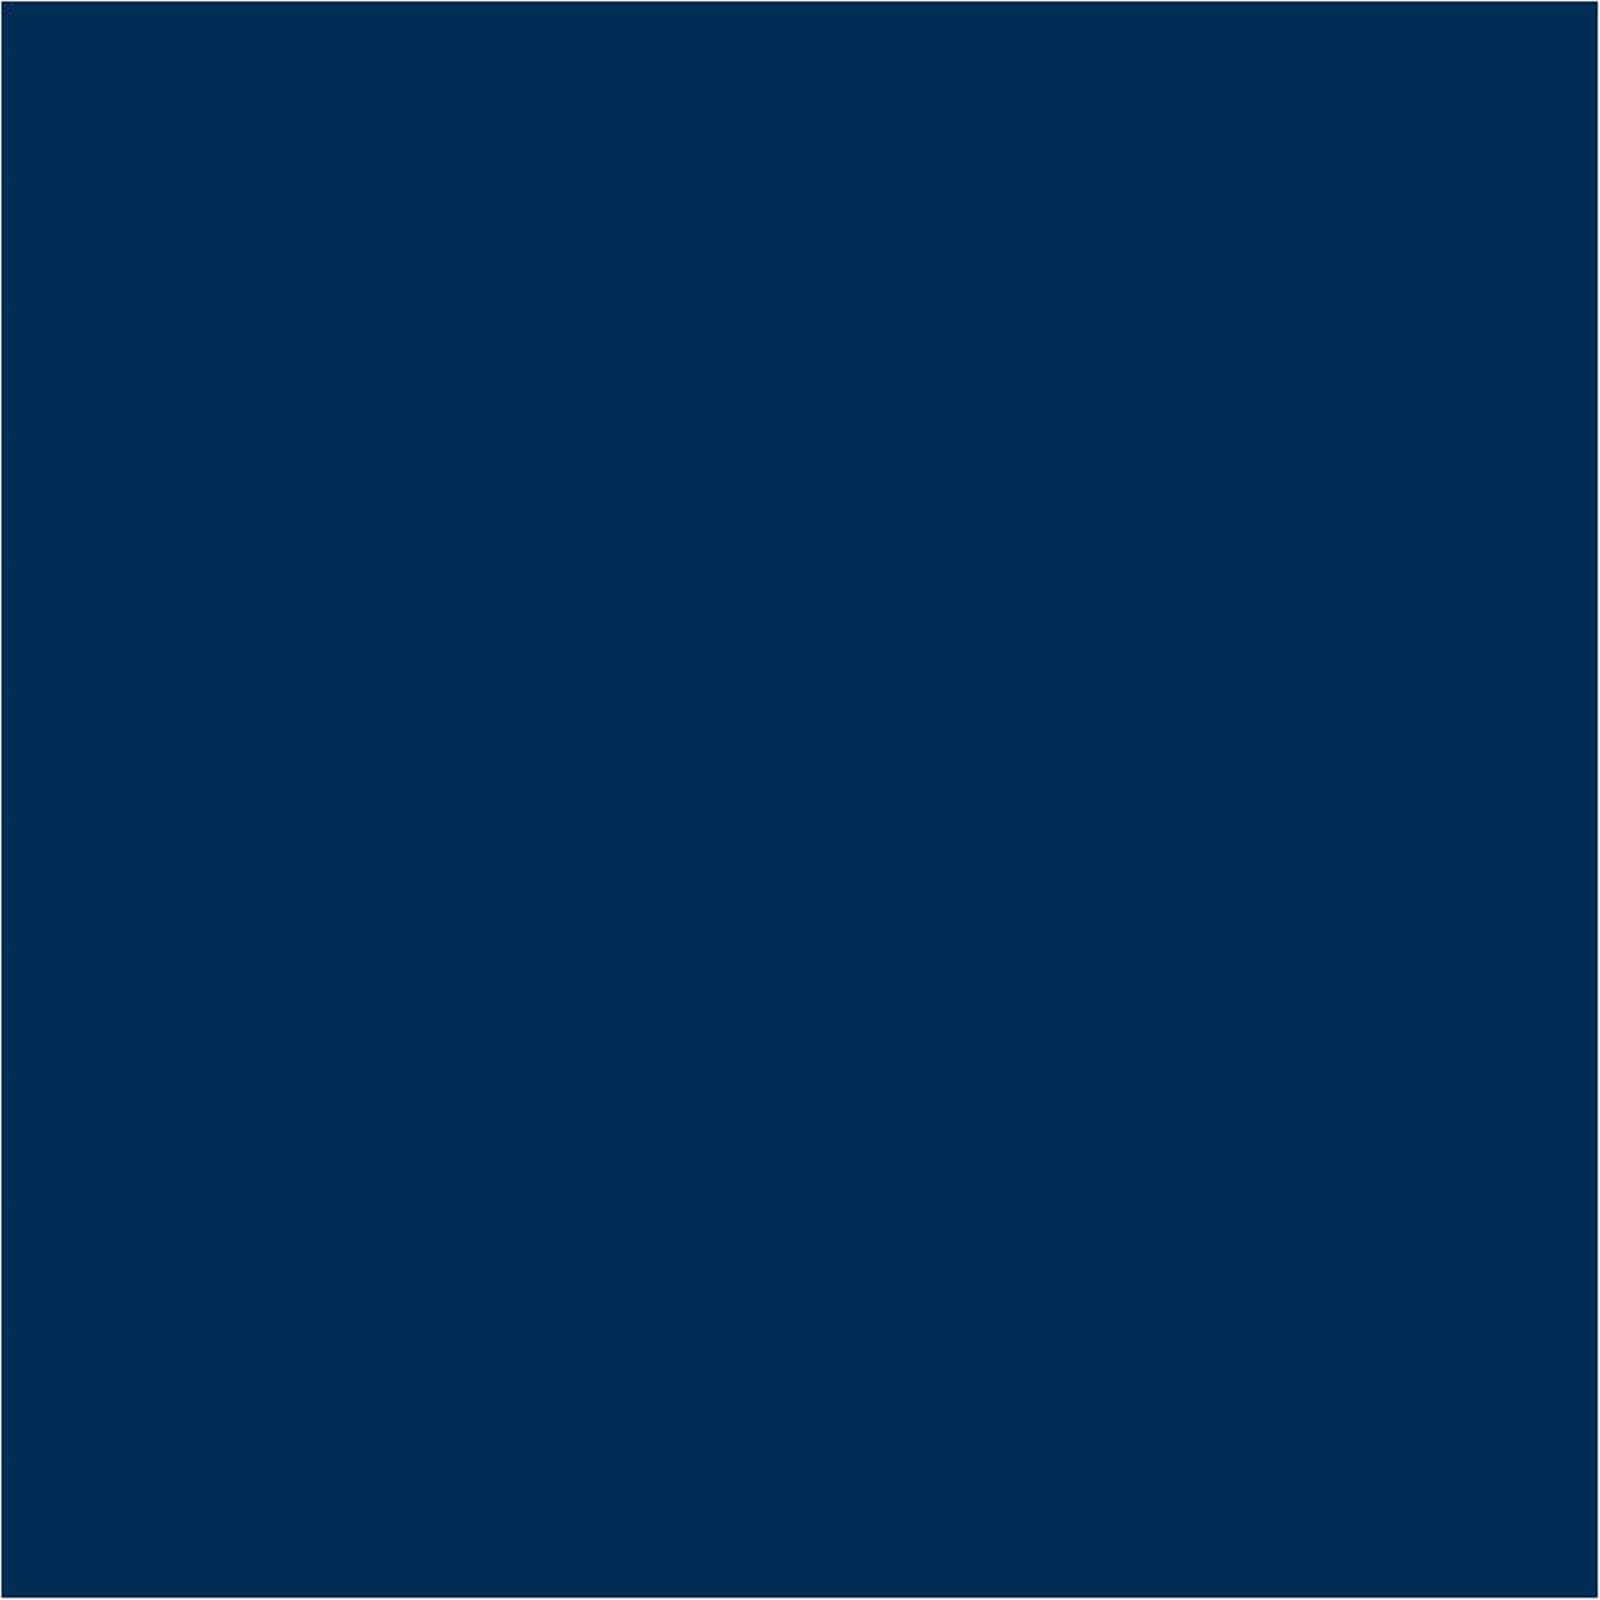 albastru prussia